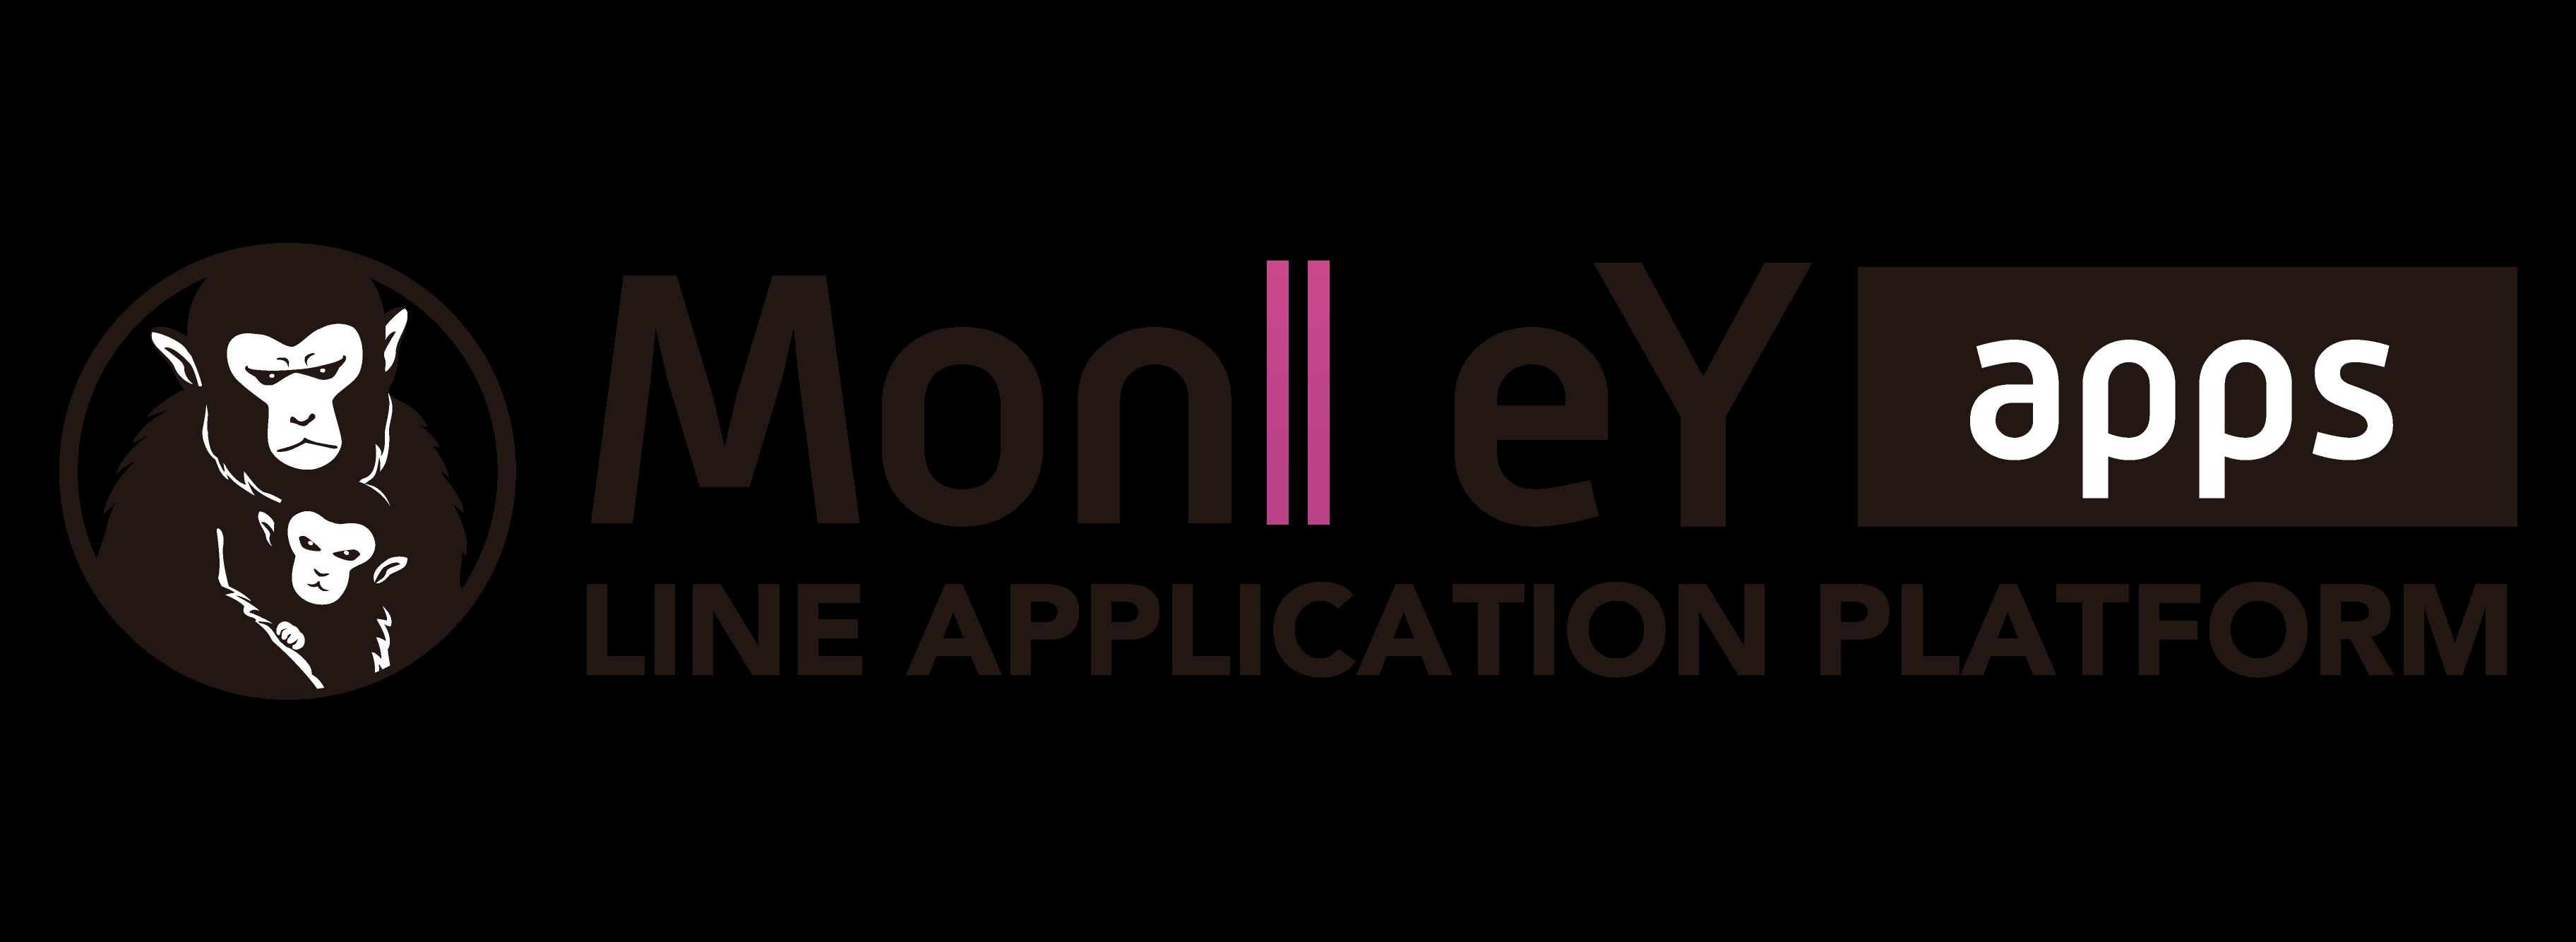 モンキーアプリ|インタビュー掲載